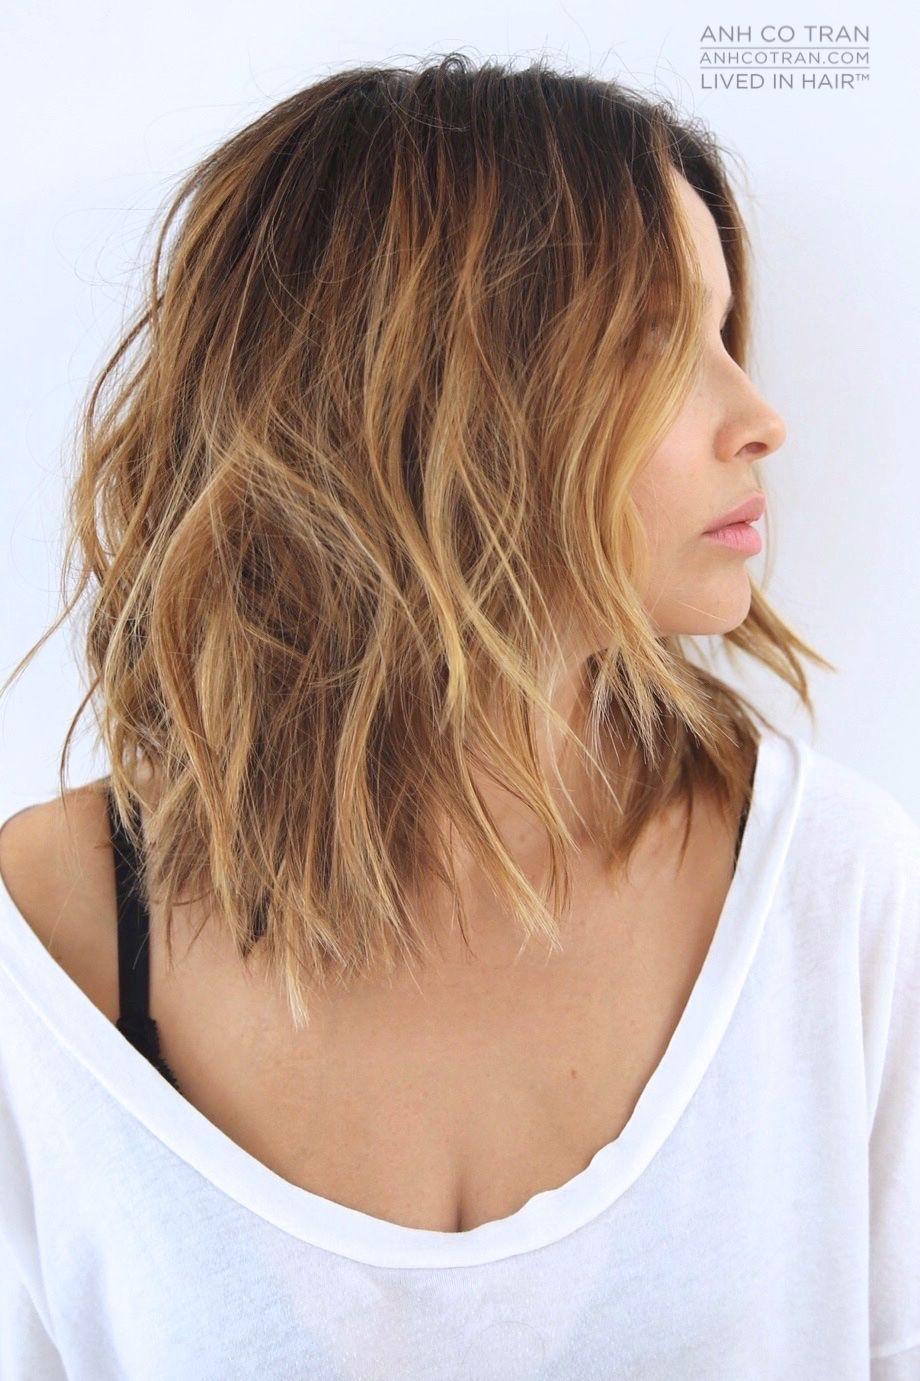 Anh co tran hair pinterest hair style haircuts and balayage